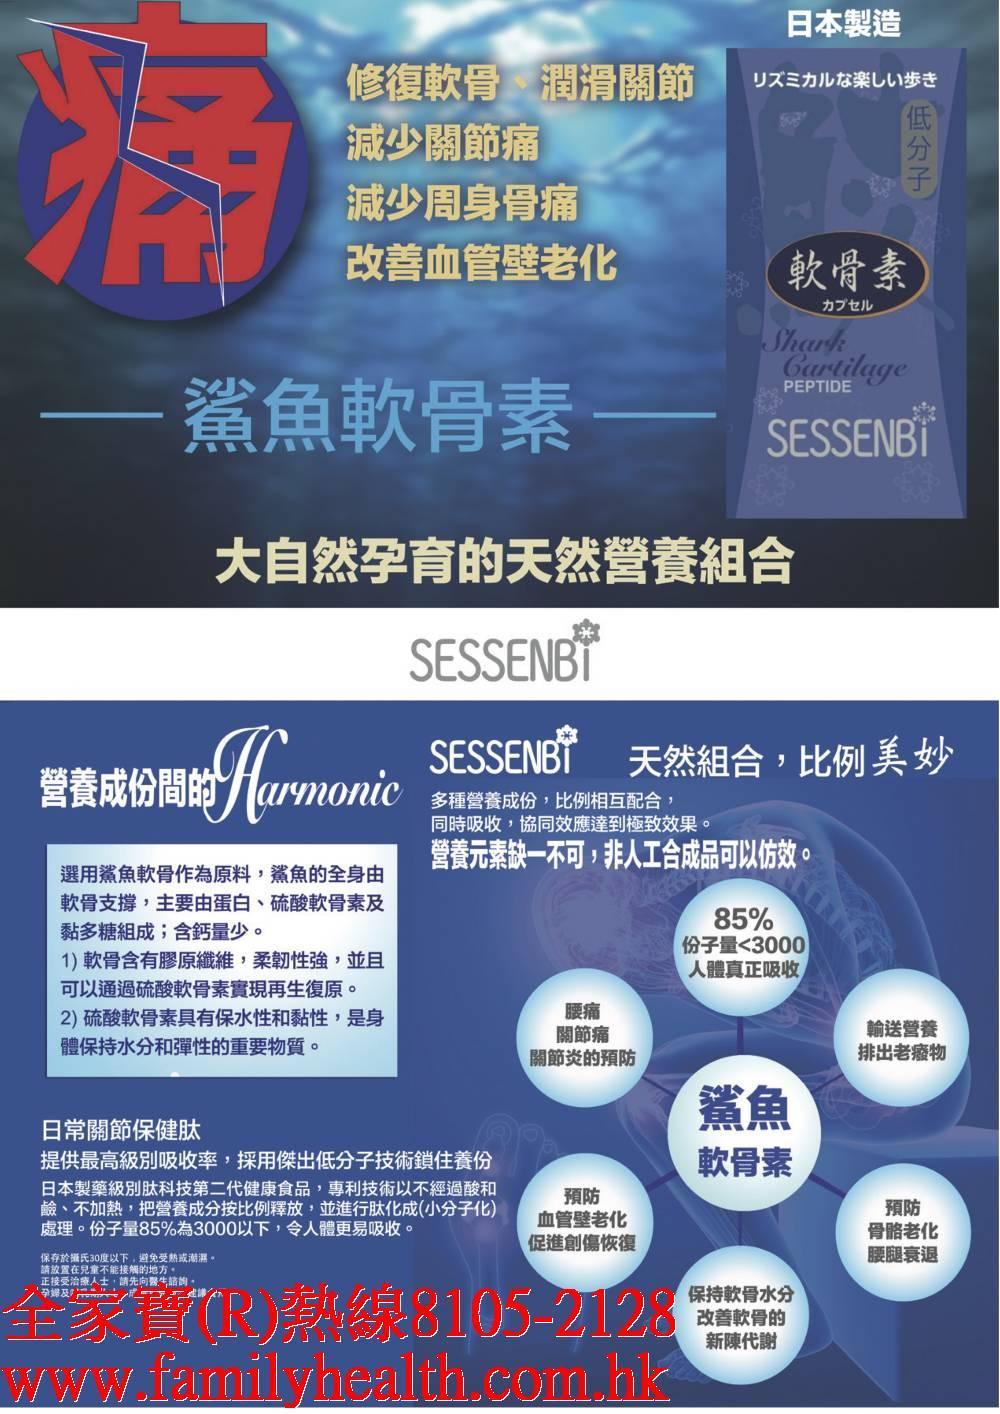 http://www.familyhealth.com.hk/files/full/941_4.jpg